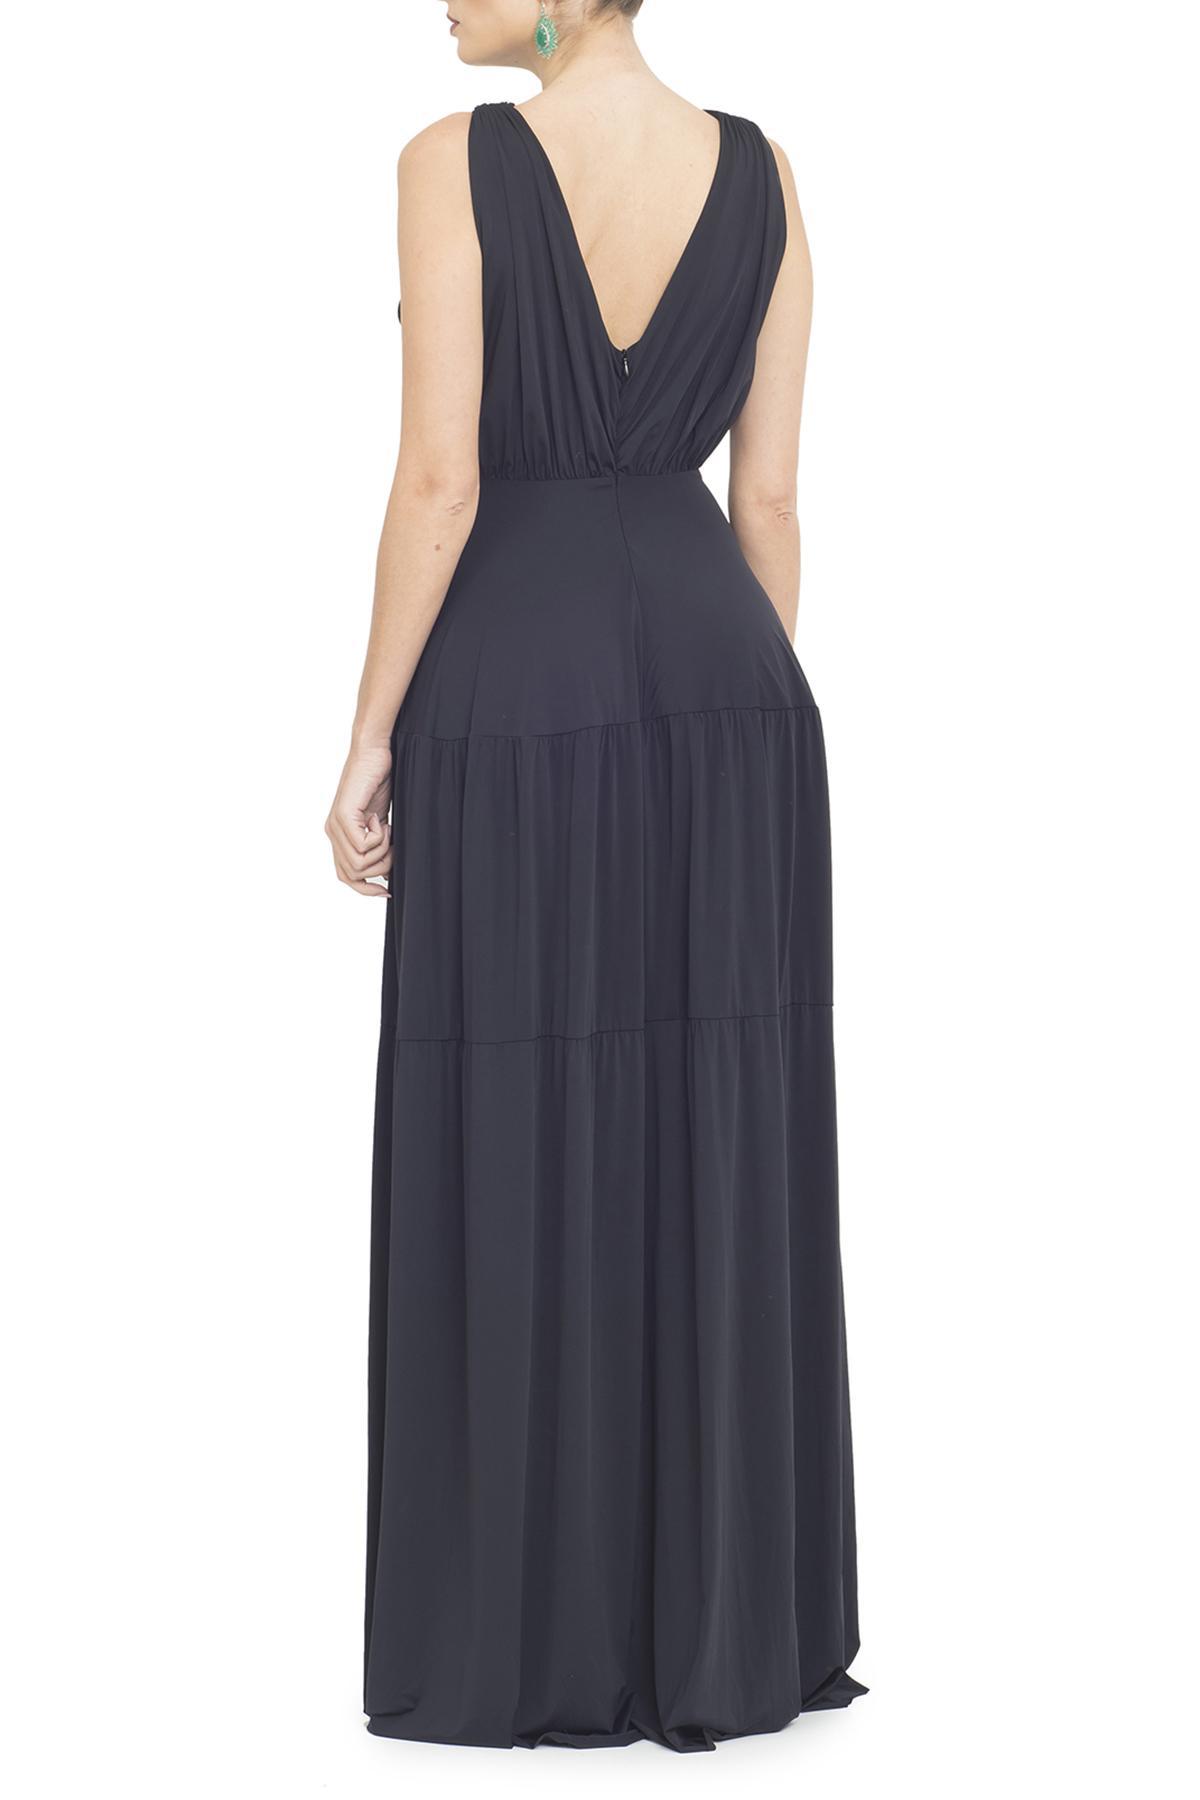 Vestido Tamsin Black Anamaria Couture